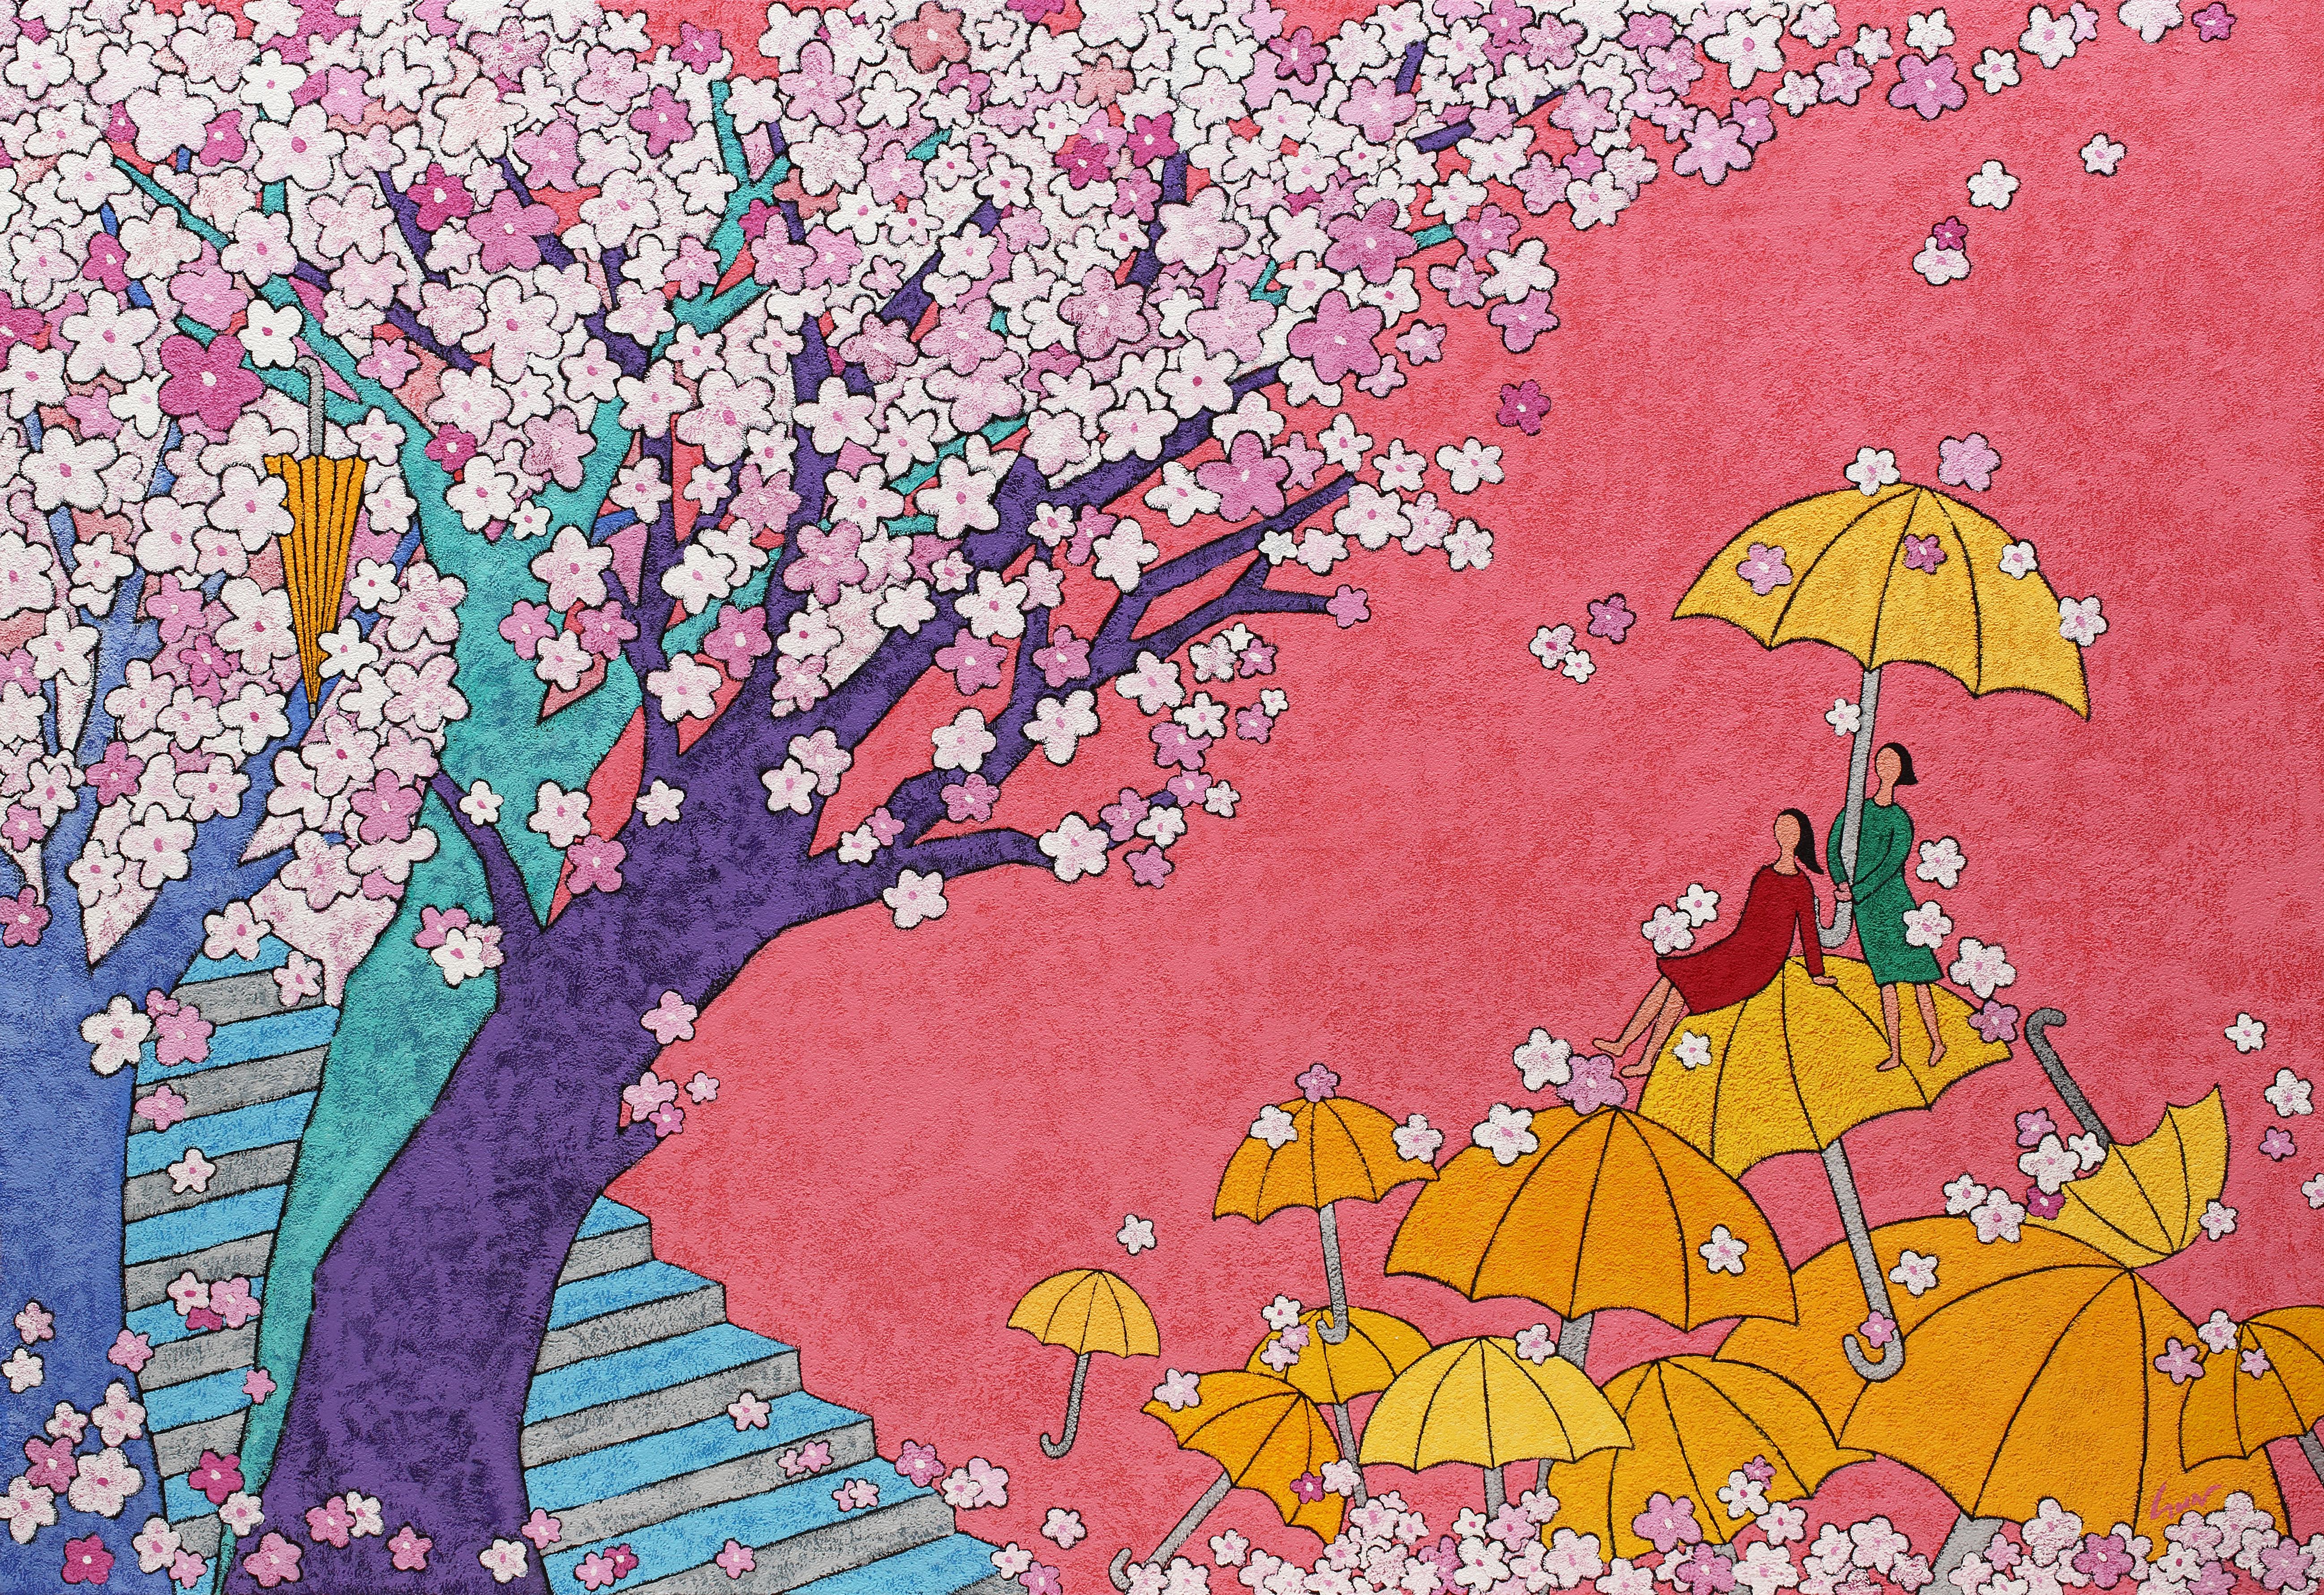 김선옥|봄바람에 꽃비 내리다